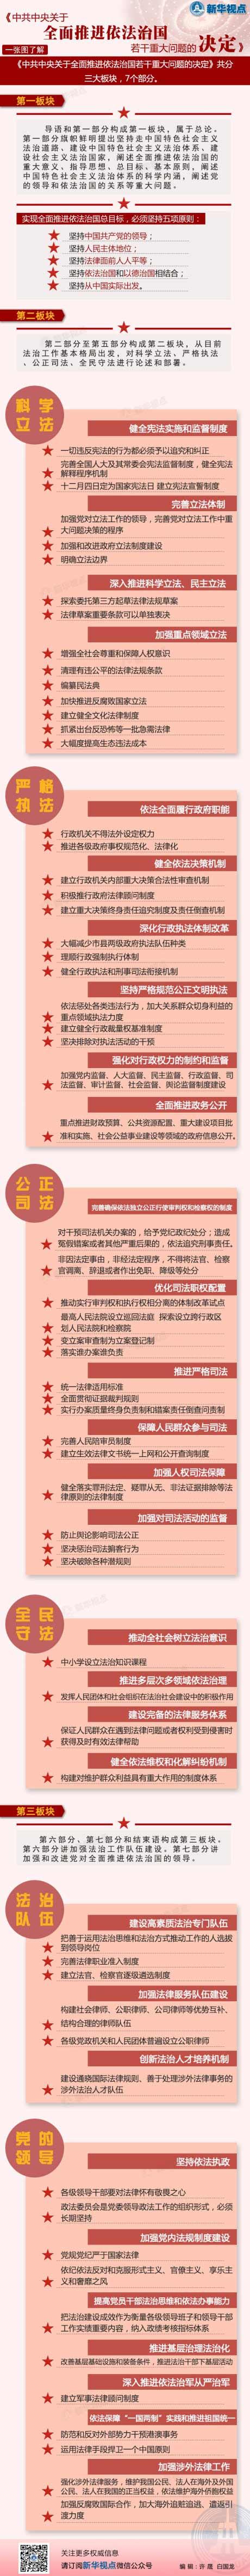 (2014.10.30)一图读懂四中全会《决定》 - 老倪 - 老倪 的博客